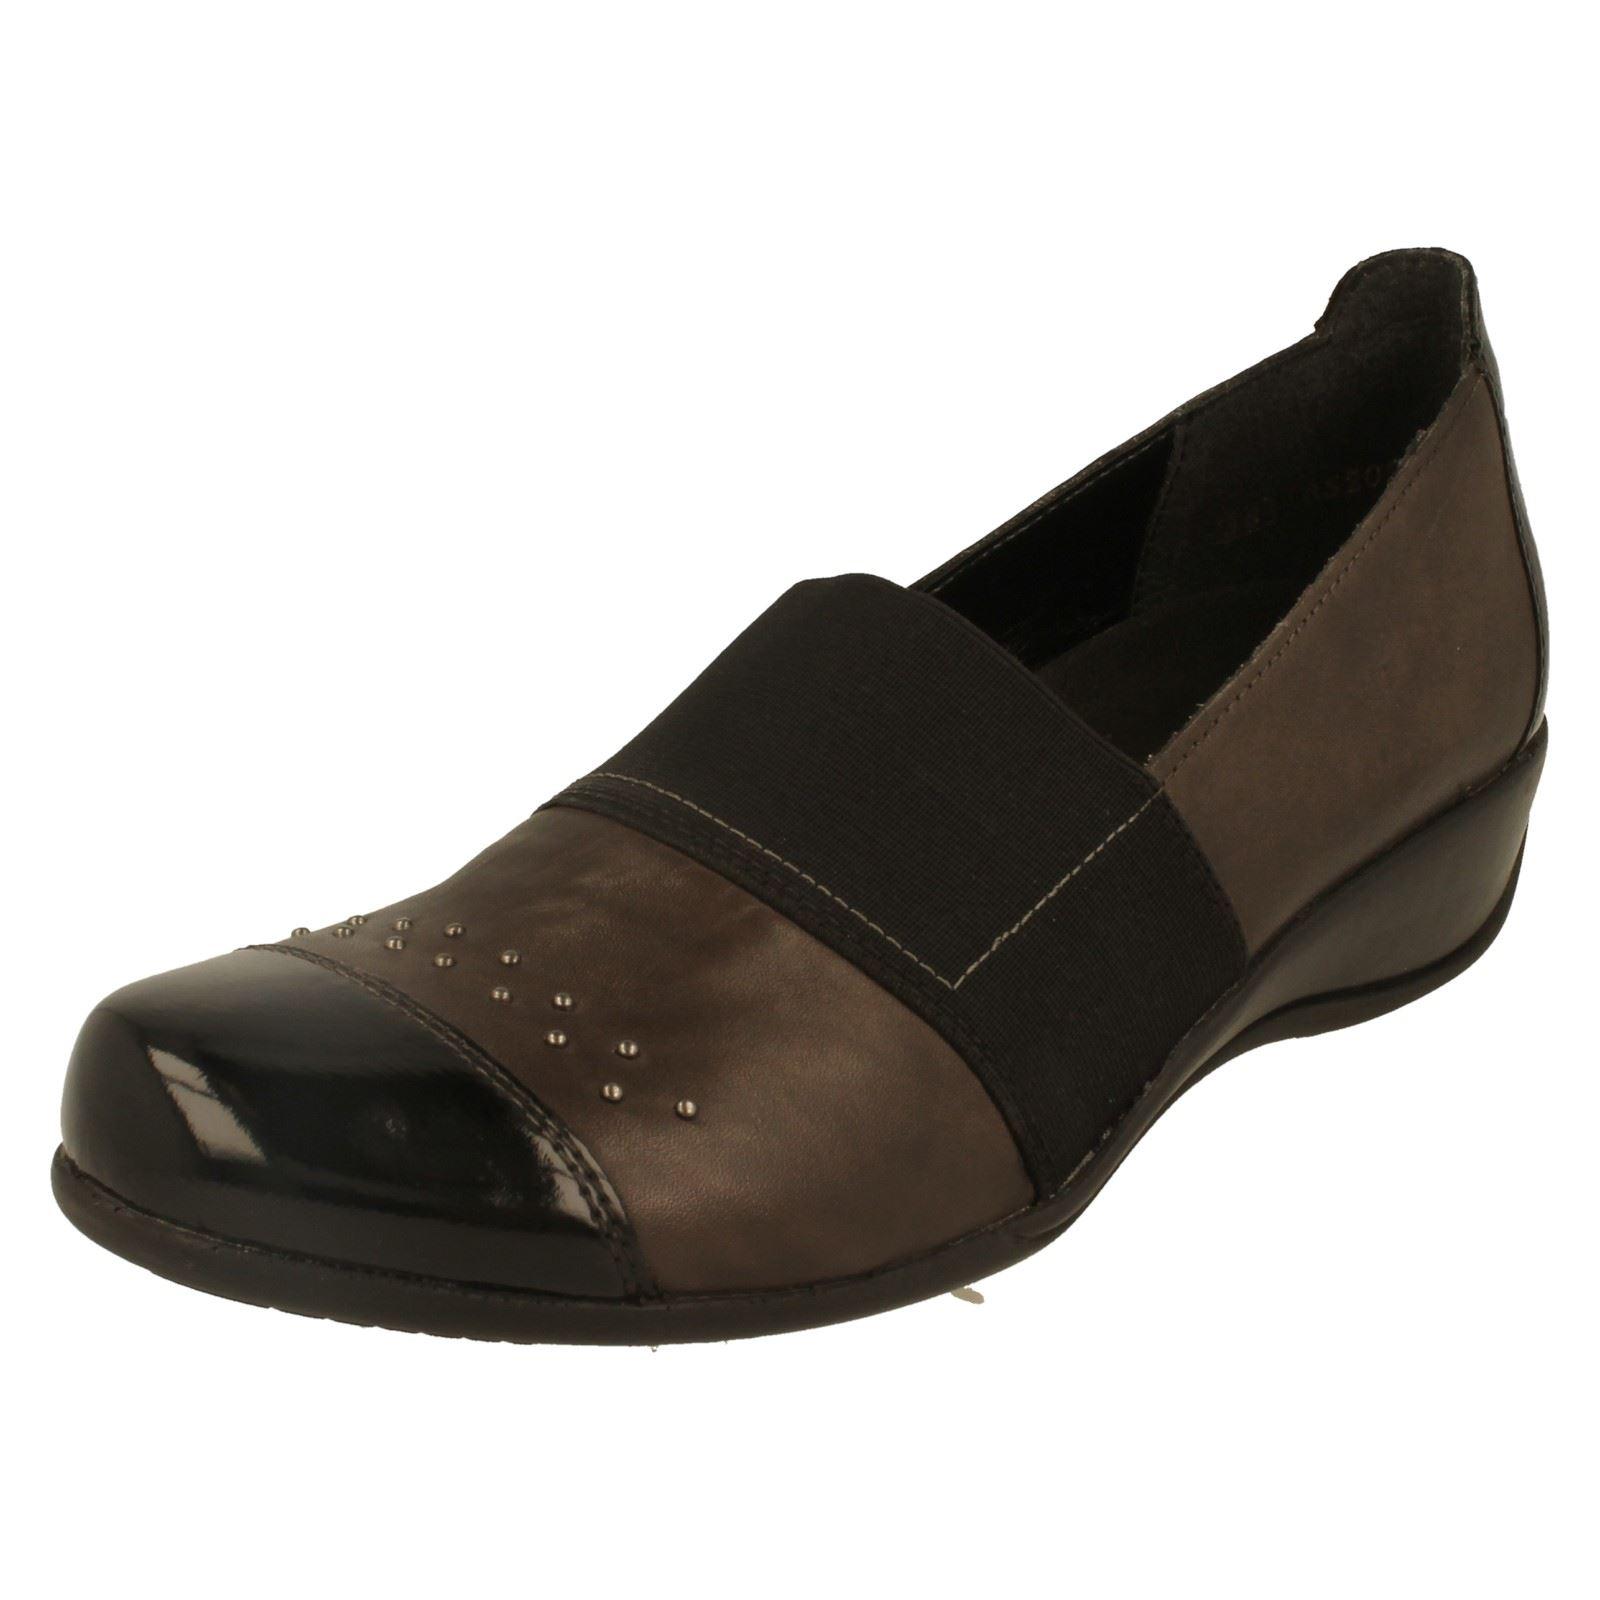 Zapatos señoras remonte Etiqueta R9821-W